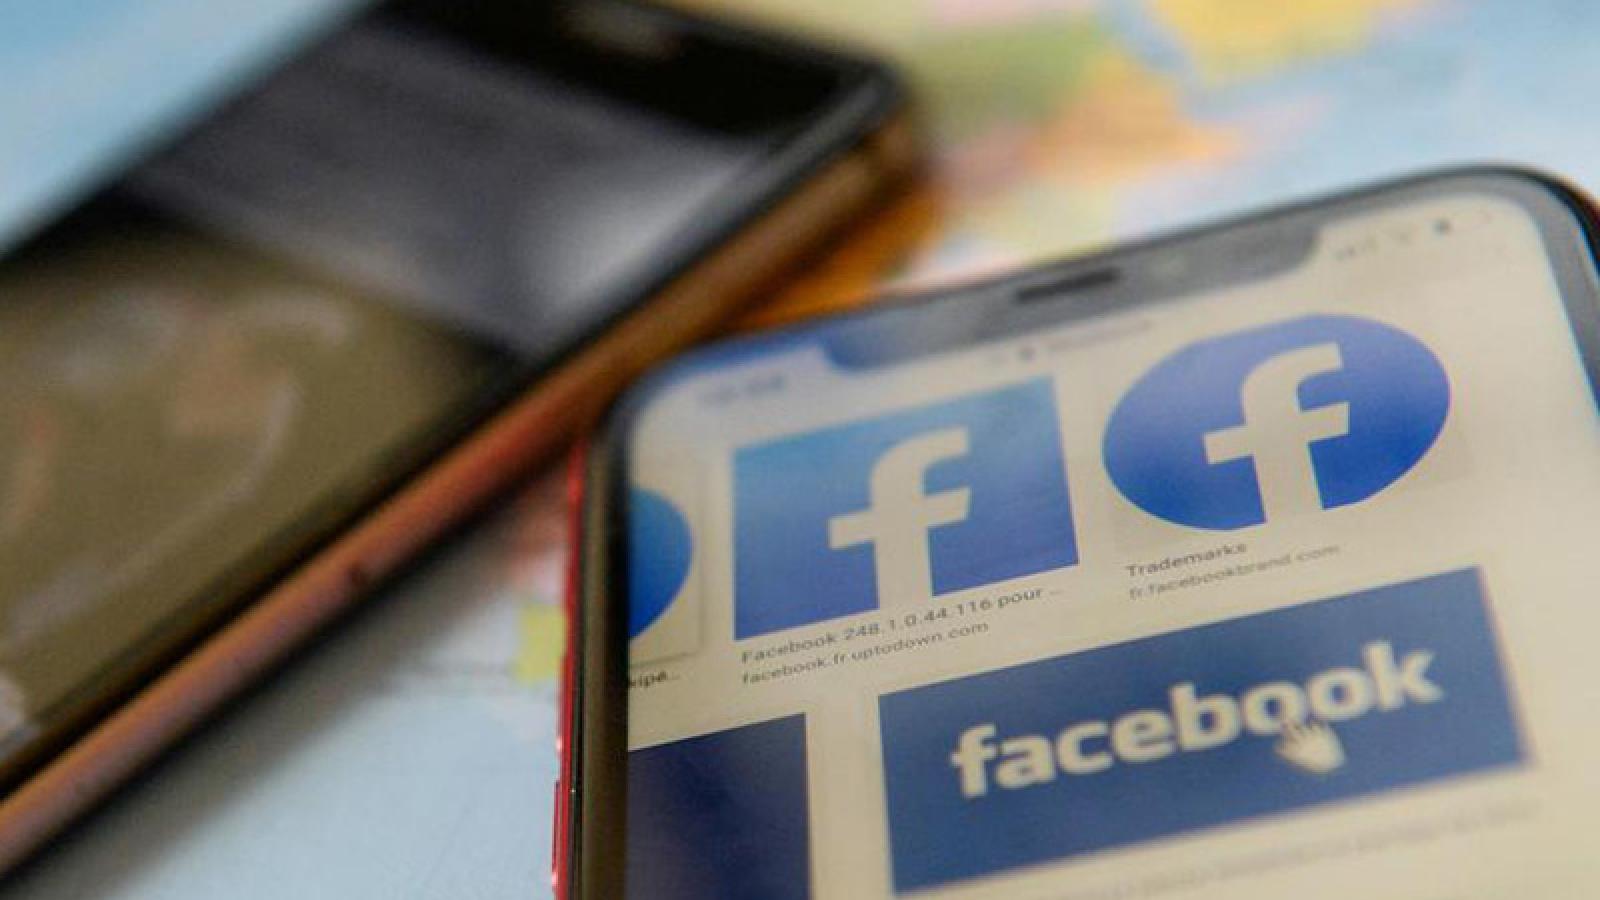 Người dùng phẫn nộ vì ảnh gif chân dung Bác Hồ phản cảm xuất hiện trên Facebook Mesenger